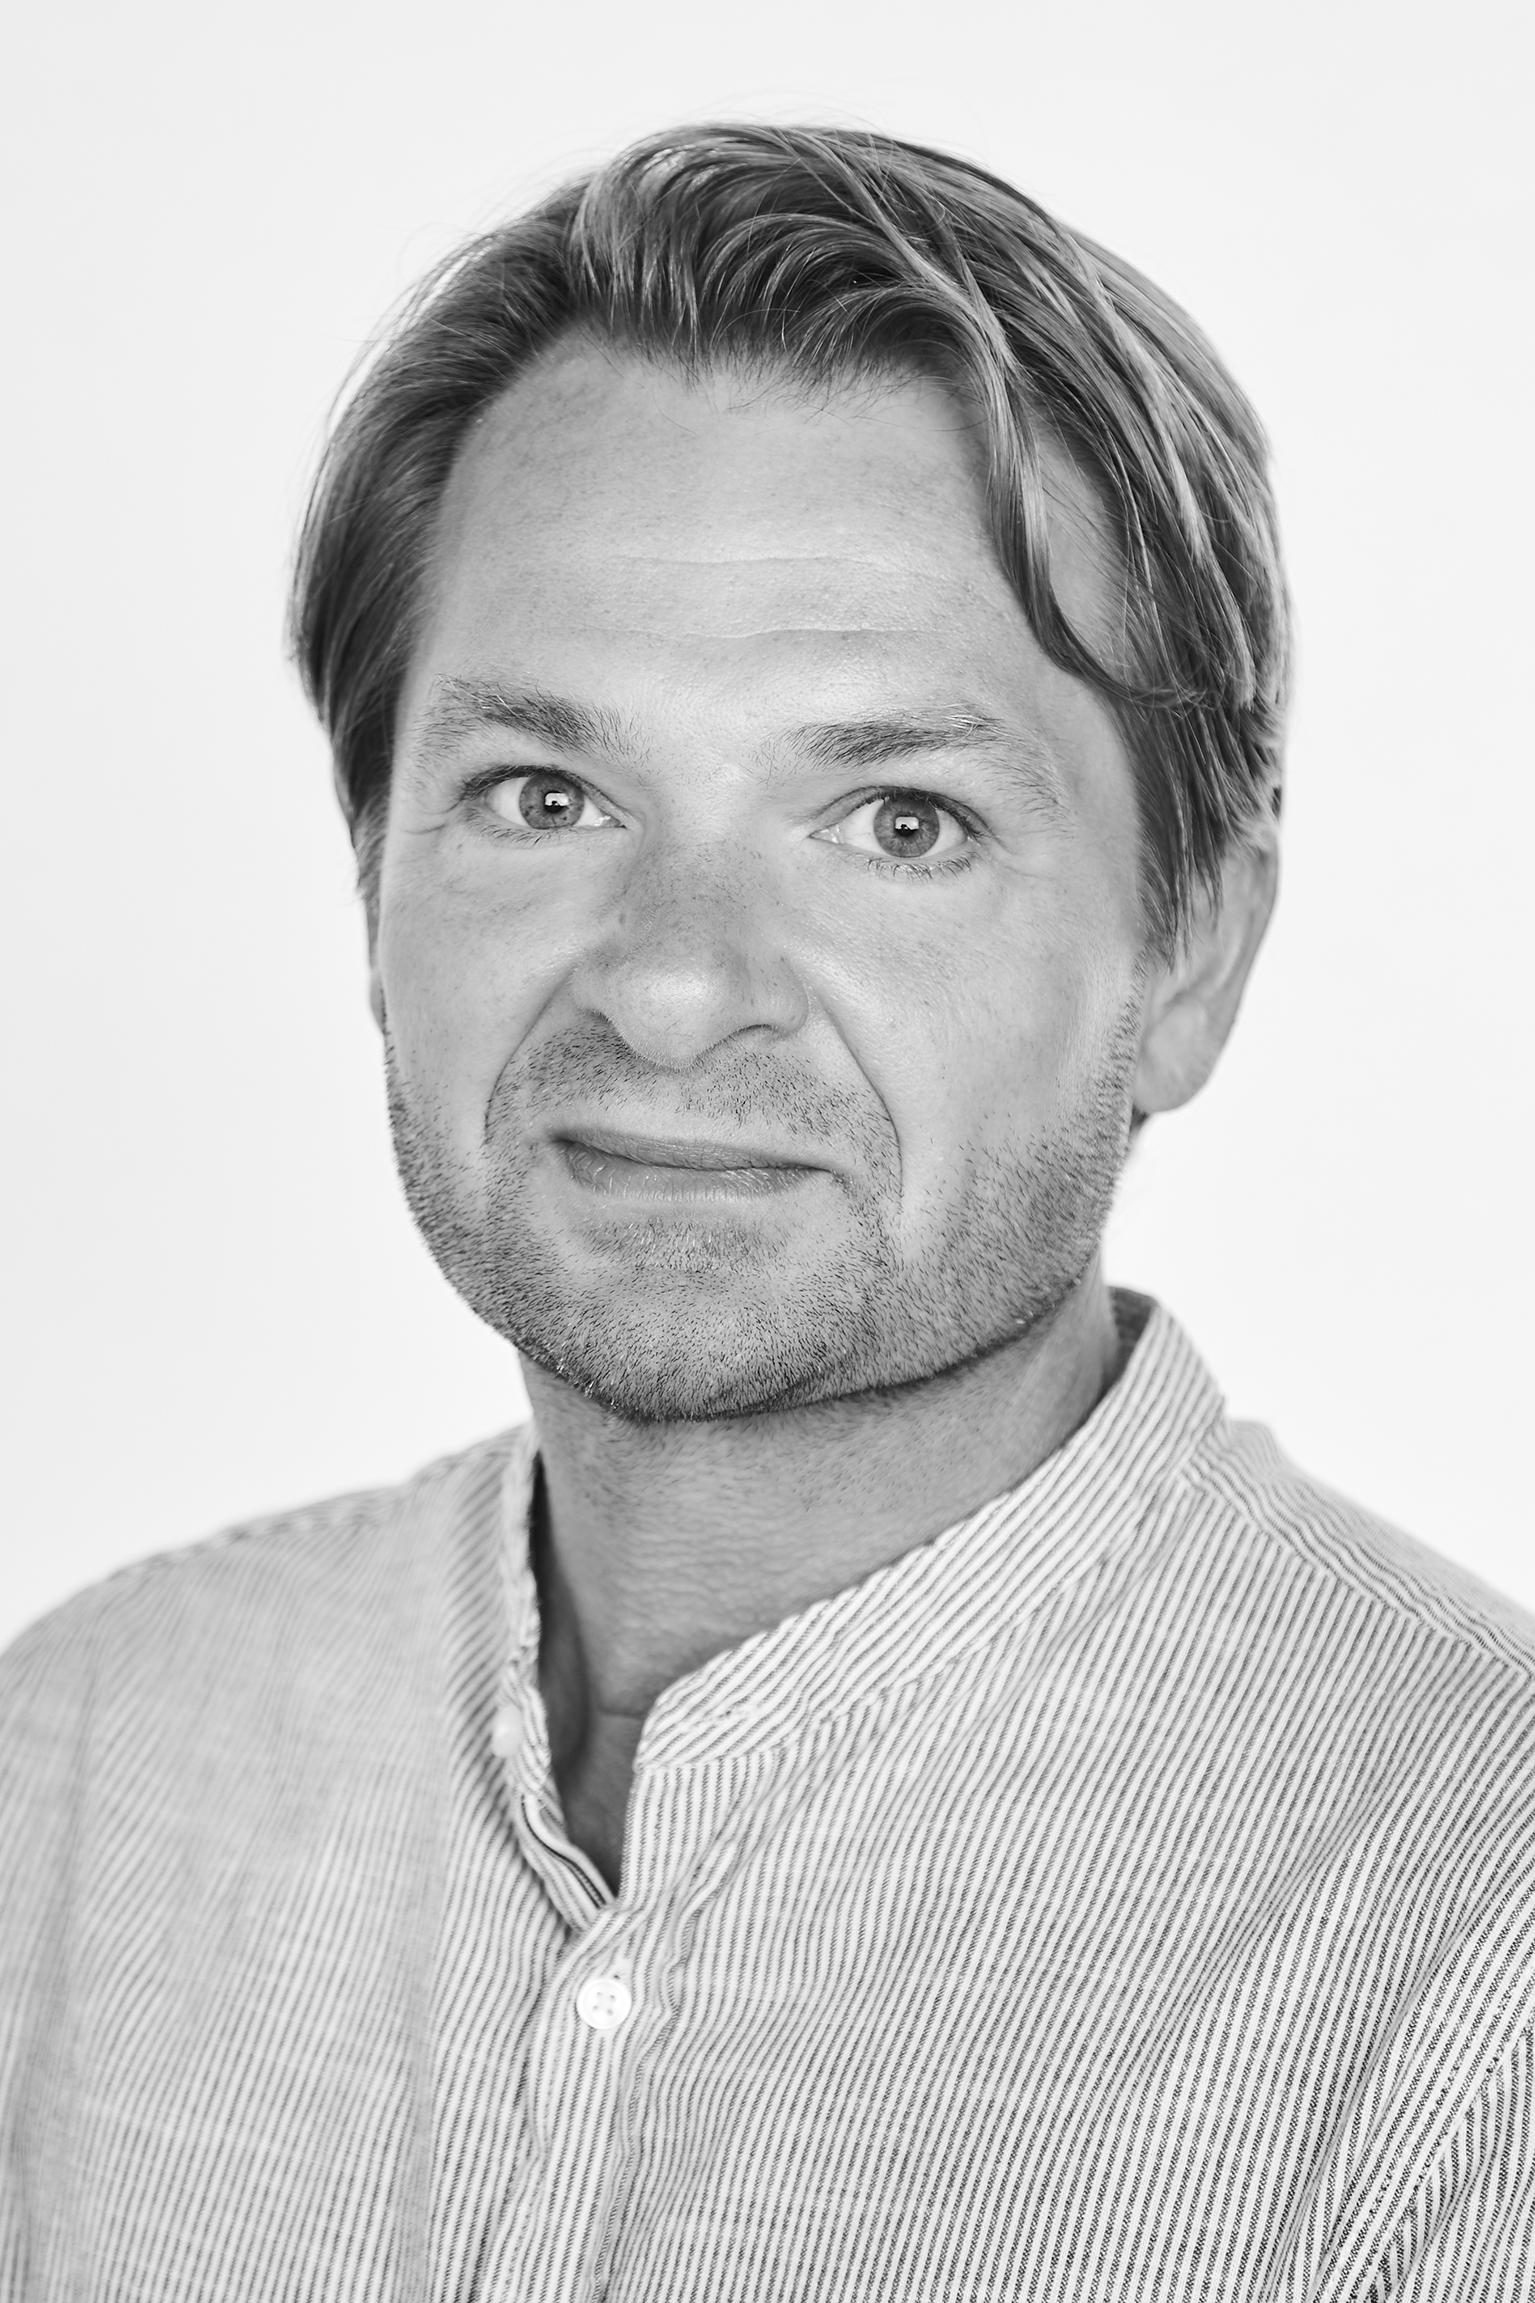 Søren M. Kjeldsen